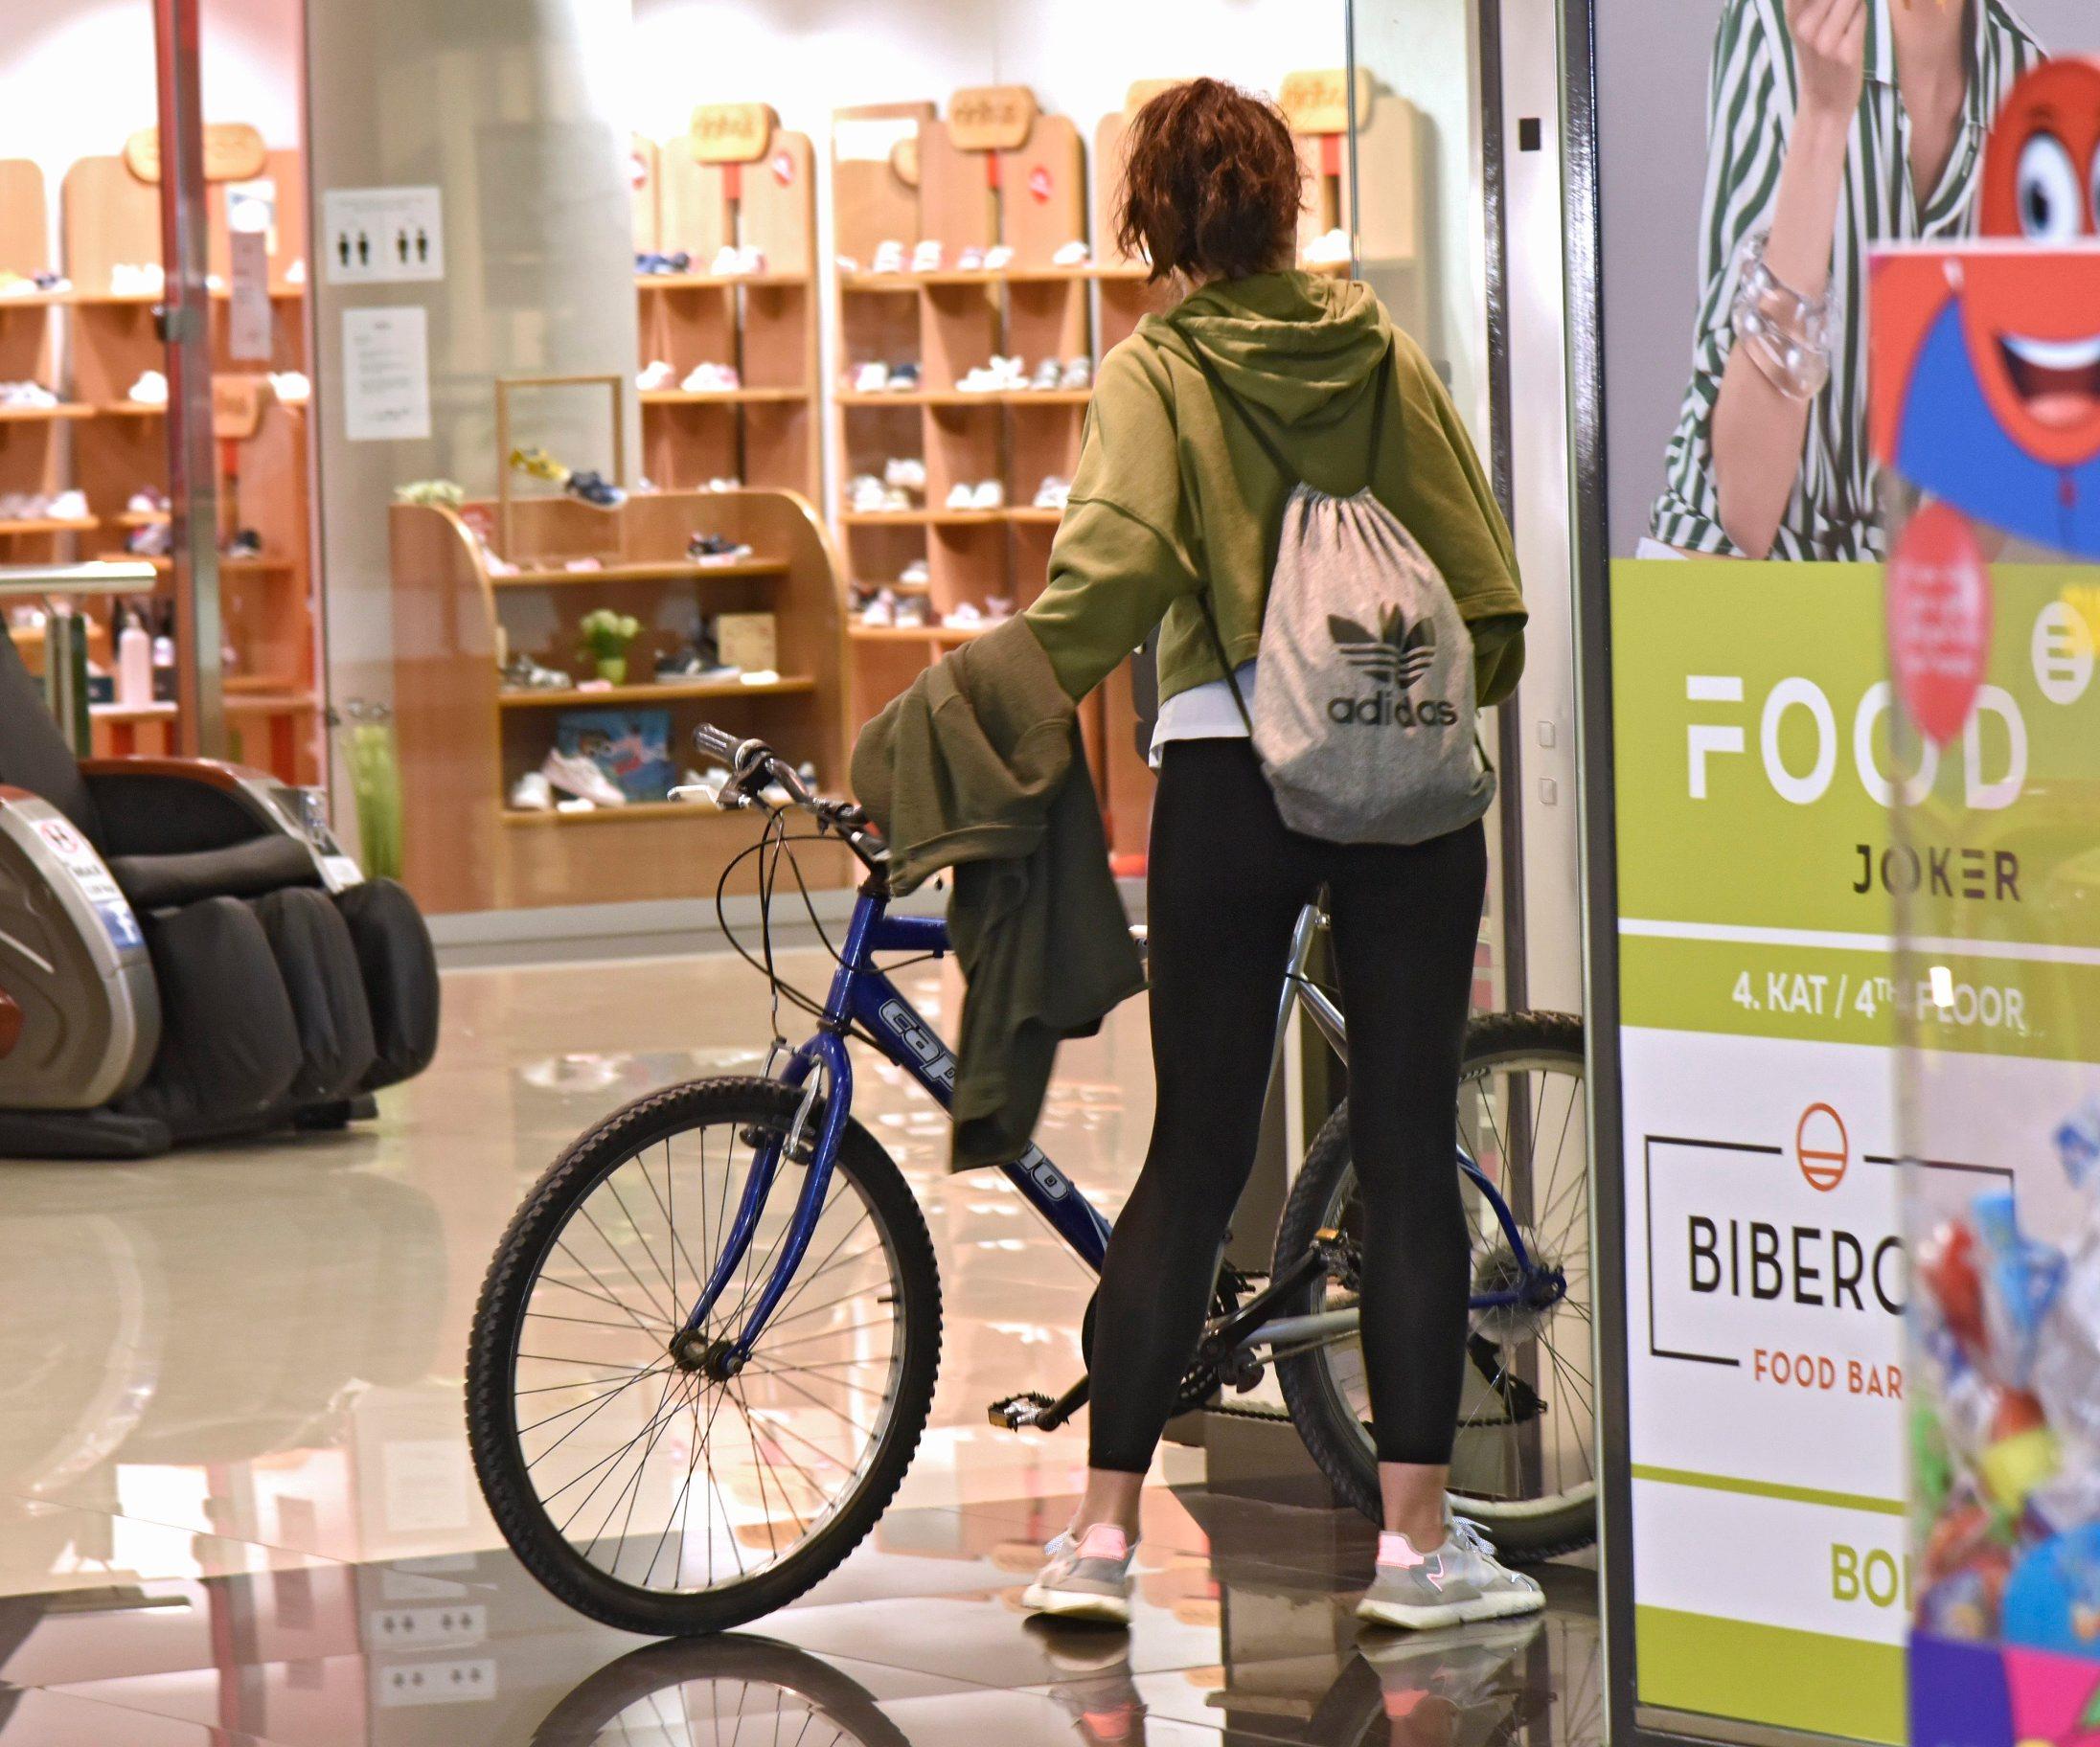 Split,110520 Shopping centar Joker. Danas je dopusteno otvaranje shoping centara u cijeloj Hrvatskoj kao dio popustanja mjera zastite od korona virusa. Na fotografiji: iz centra. Foto: Josko Supic / CROPIX